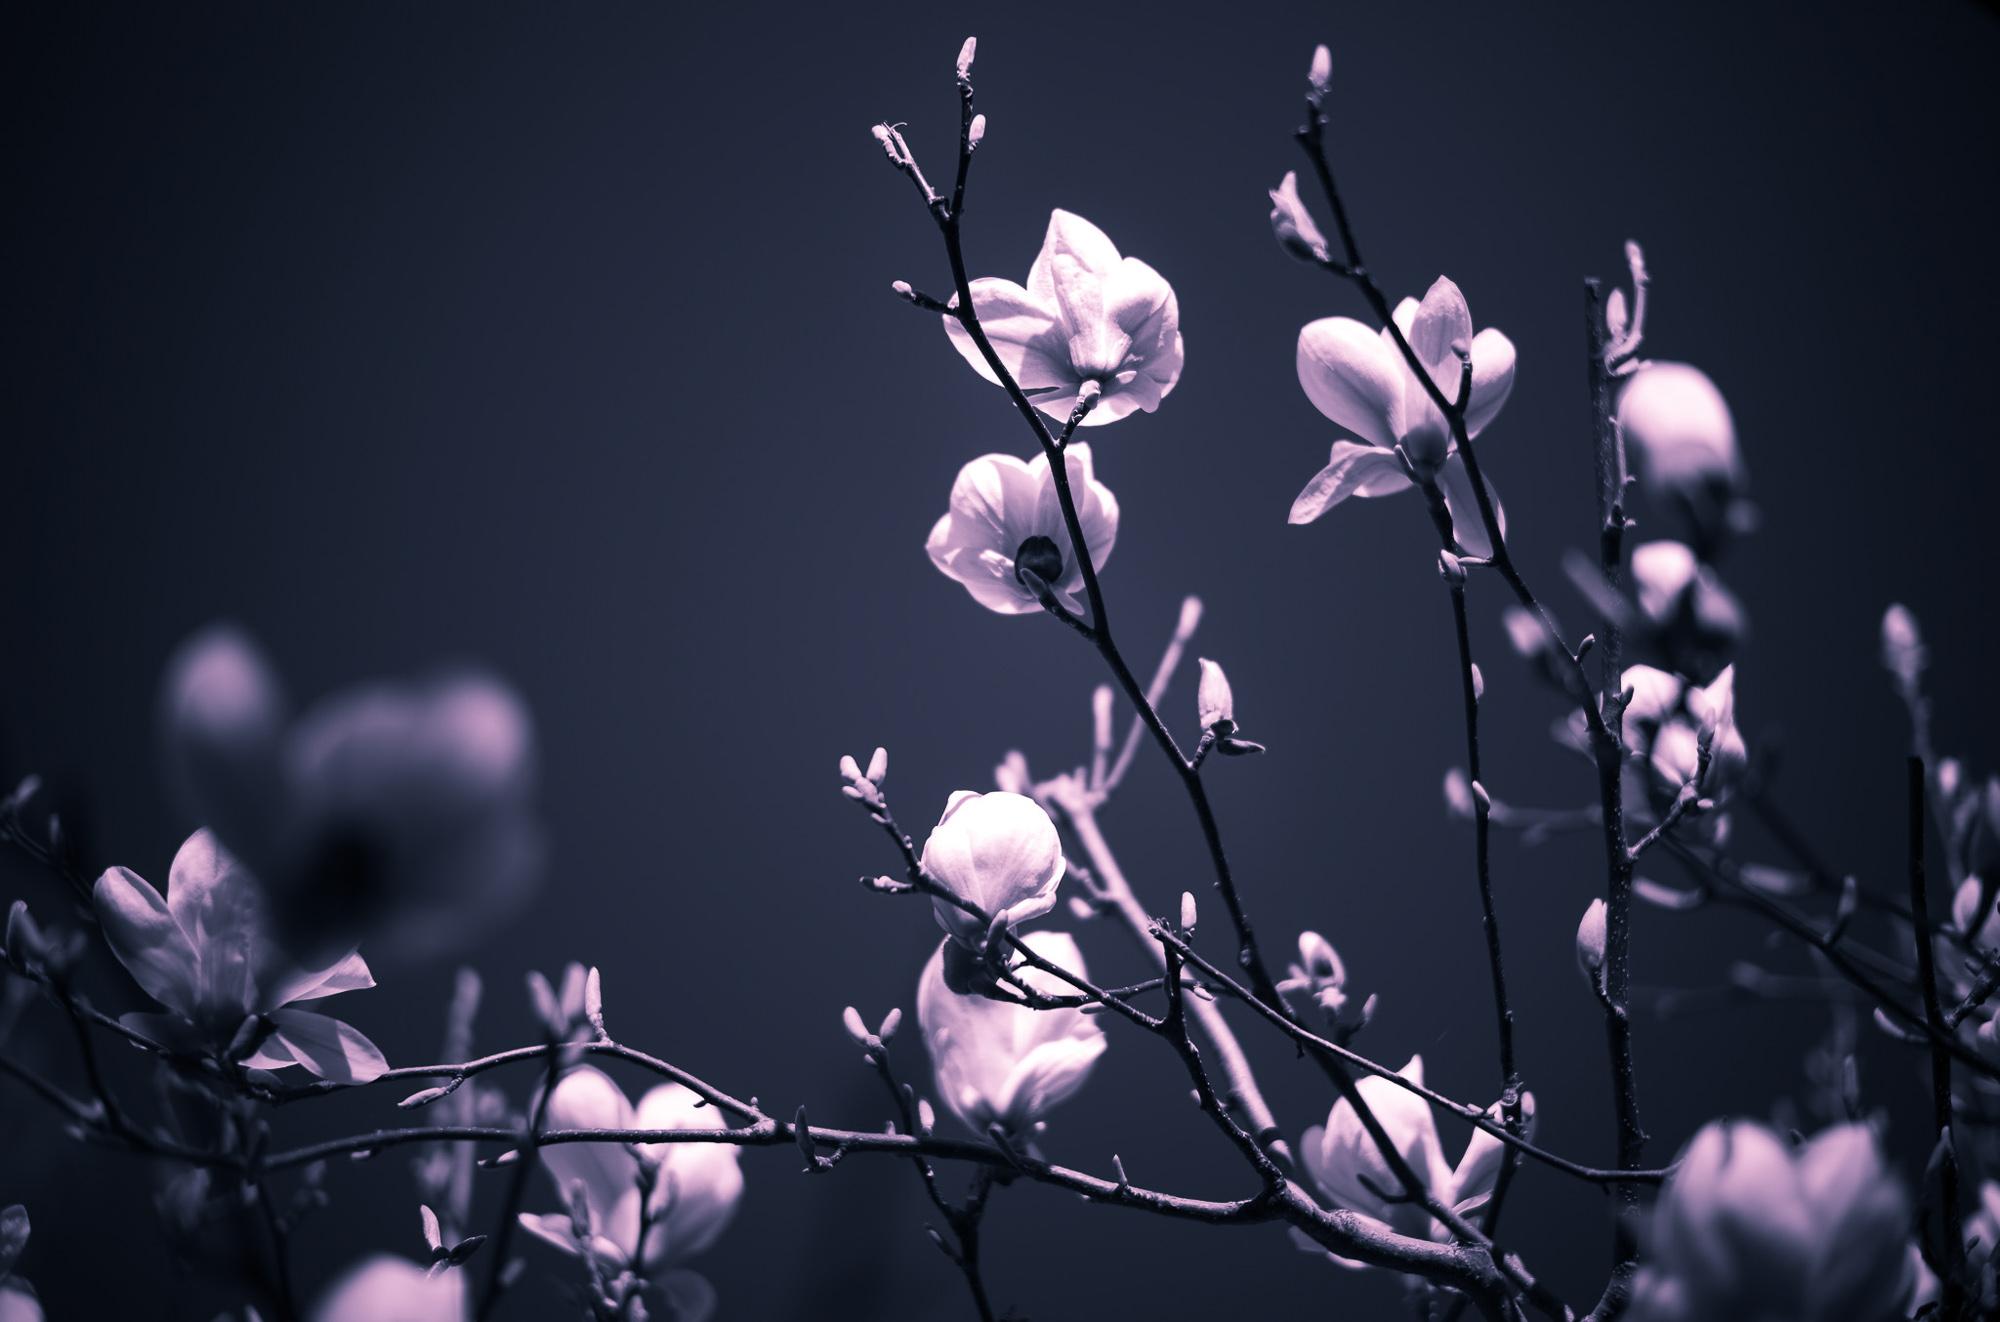 Frühlingserwachen trotz dunkler Zeiten.